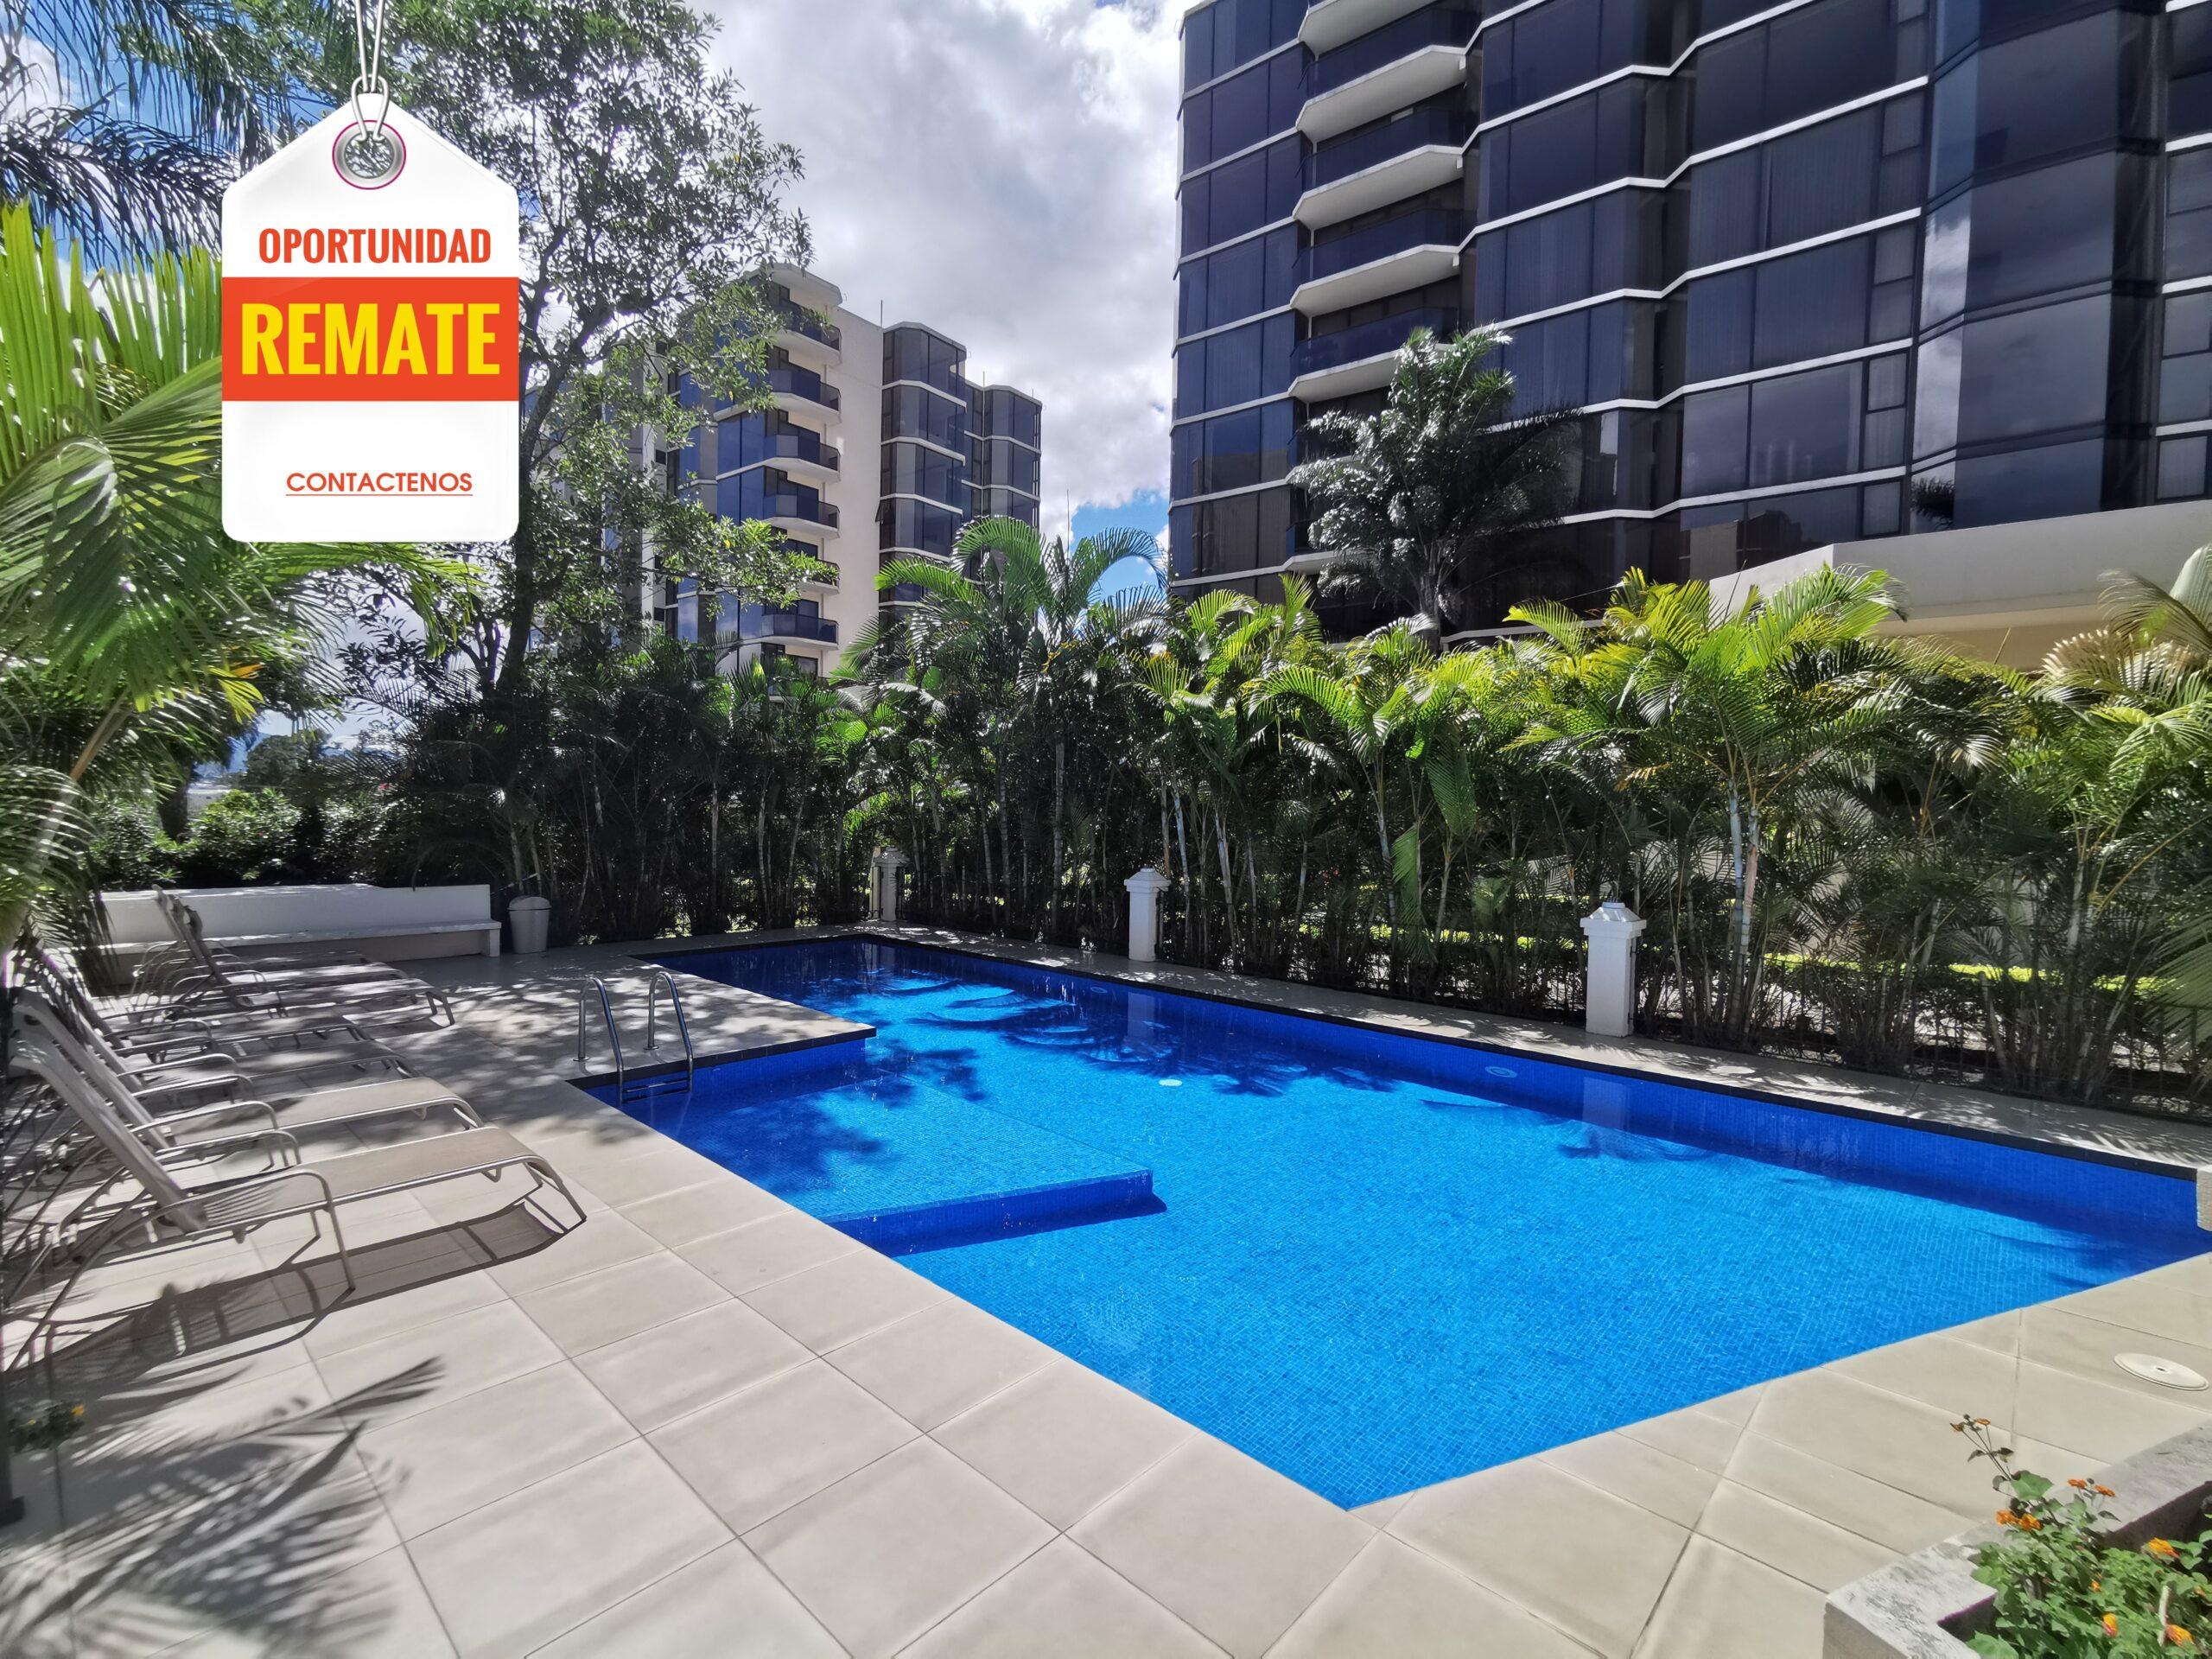 Venta de apartamento en condominio en Altos de Marbella, Bello Horizonte, Escazú, San José, Costa Rica.